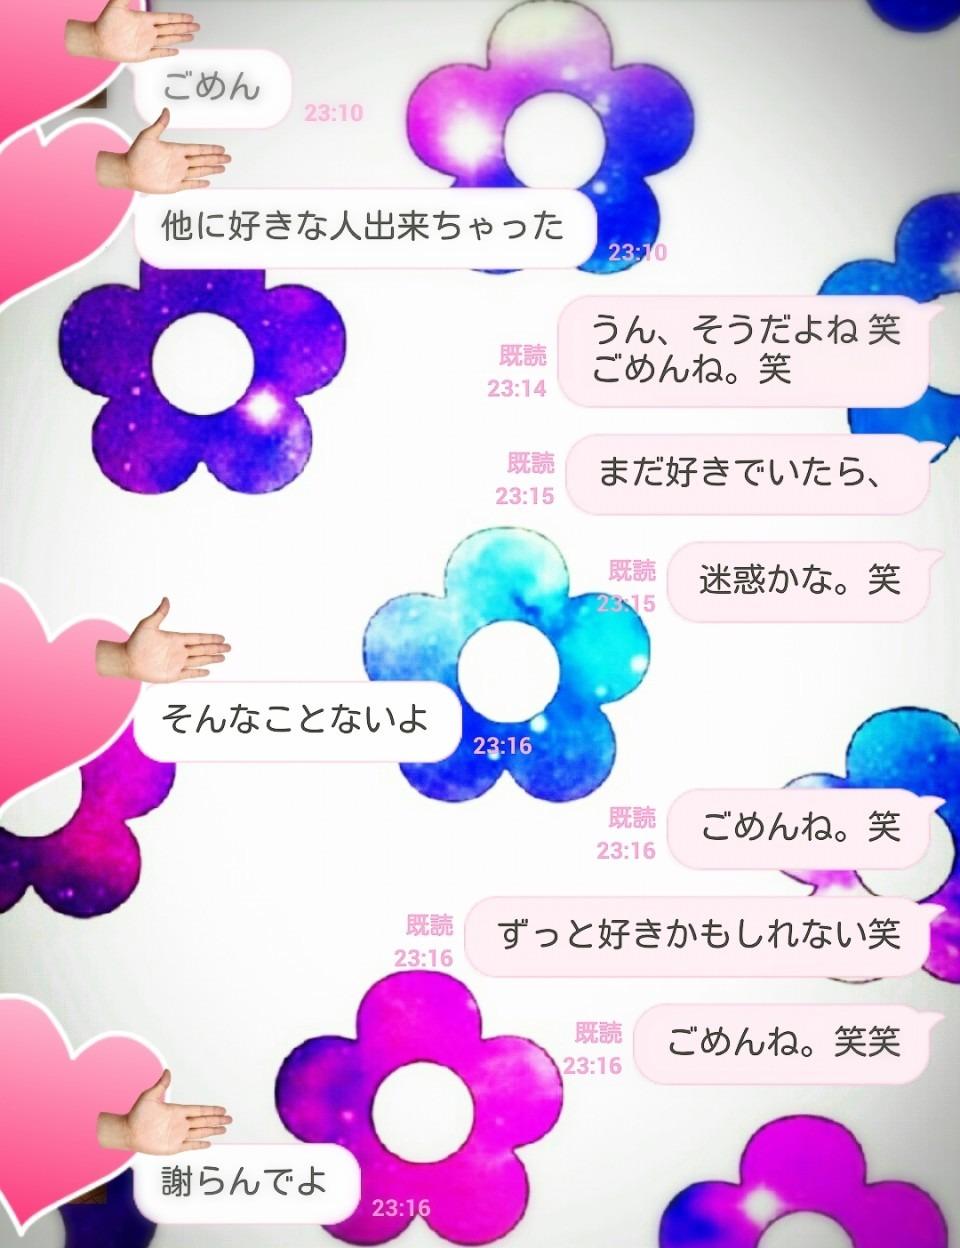 http://pic.prepics-cdn.com/miilove8/36132482.jpeg